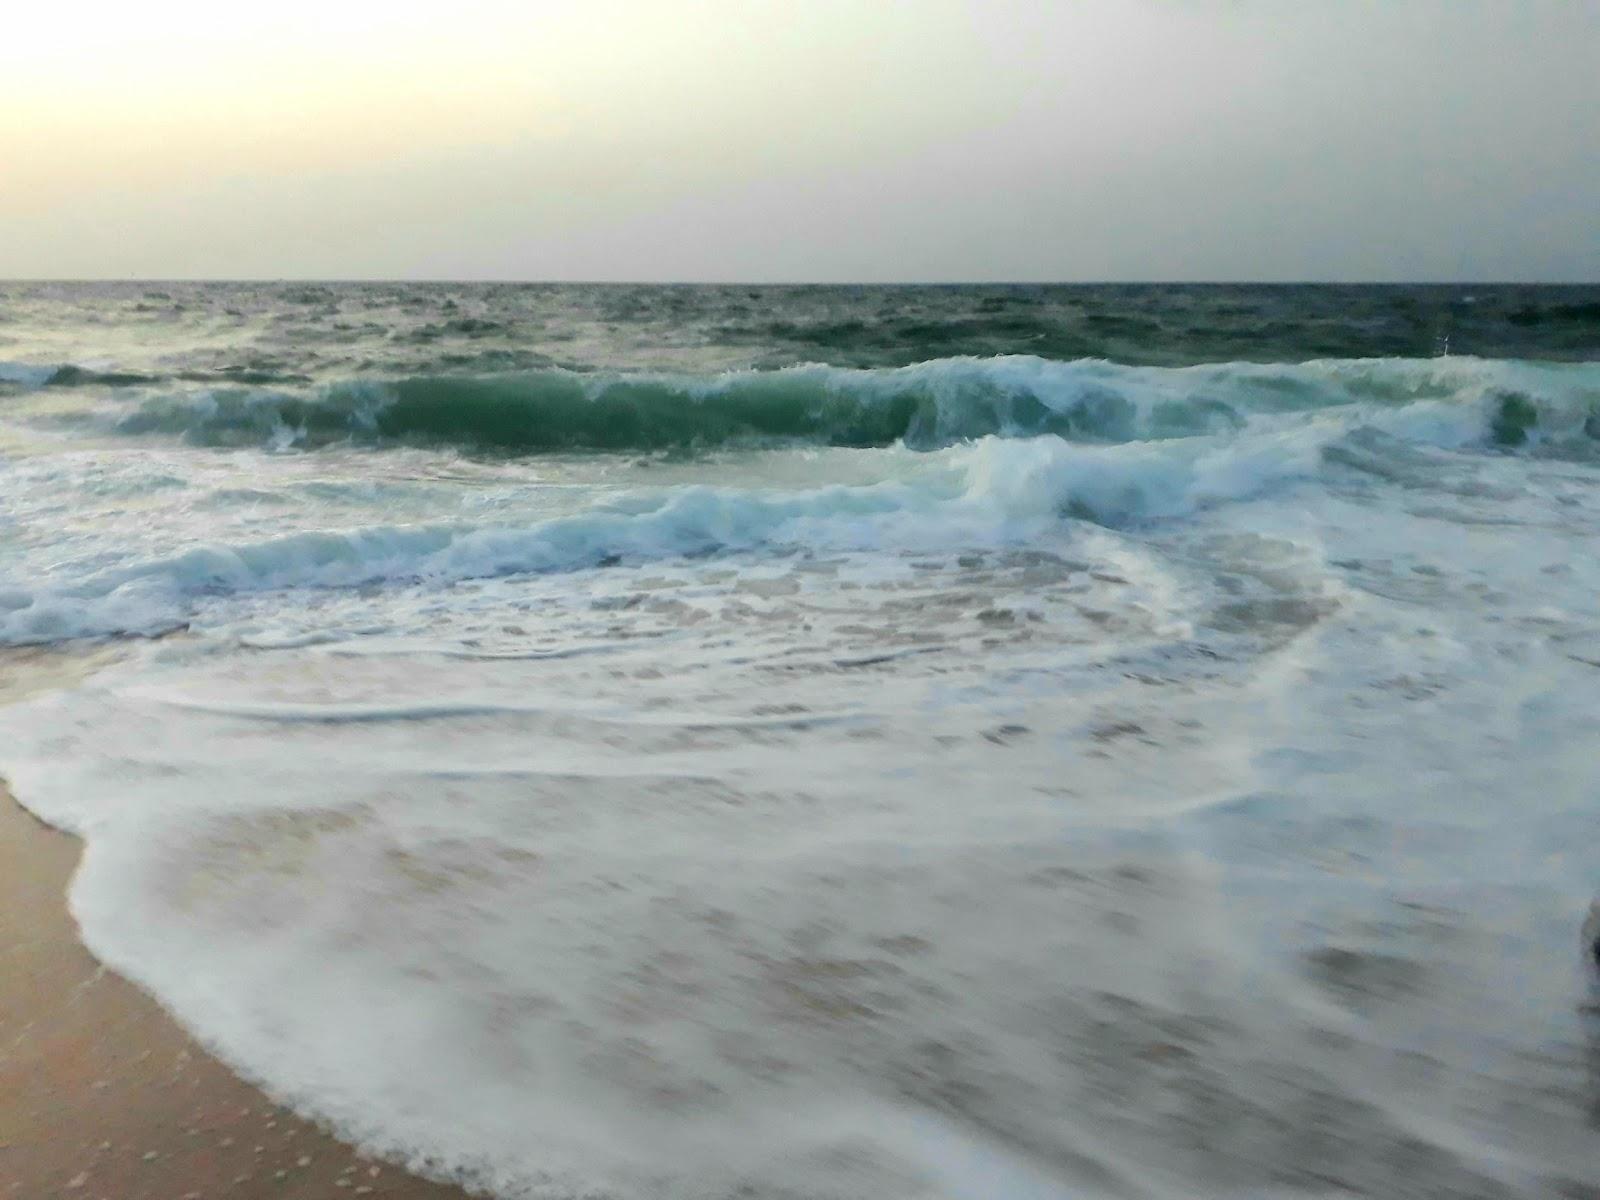 A beach in Sur, Oman